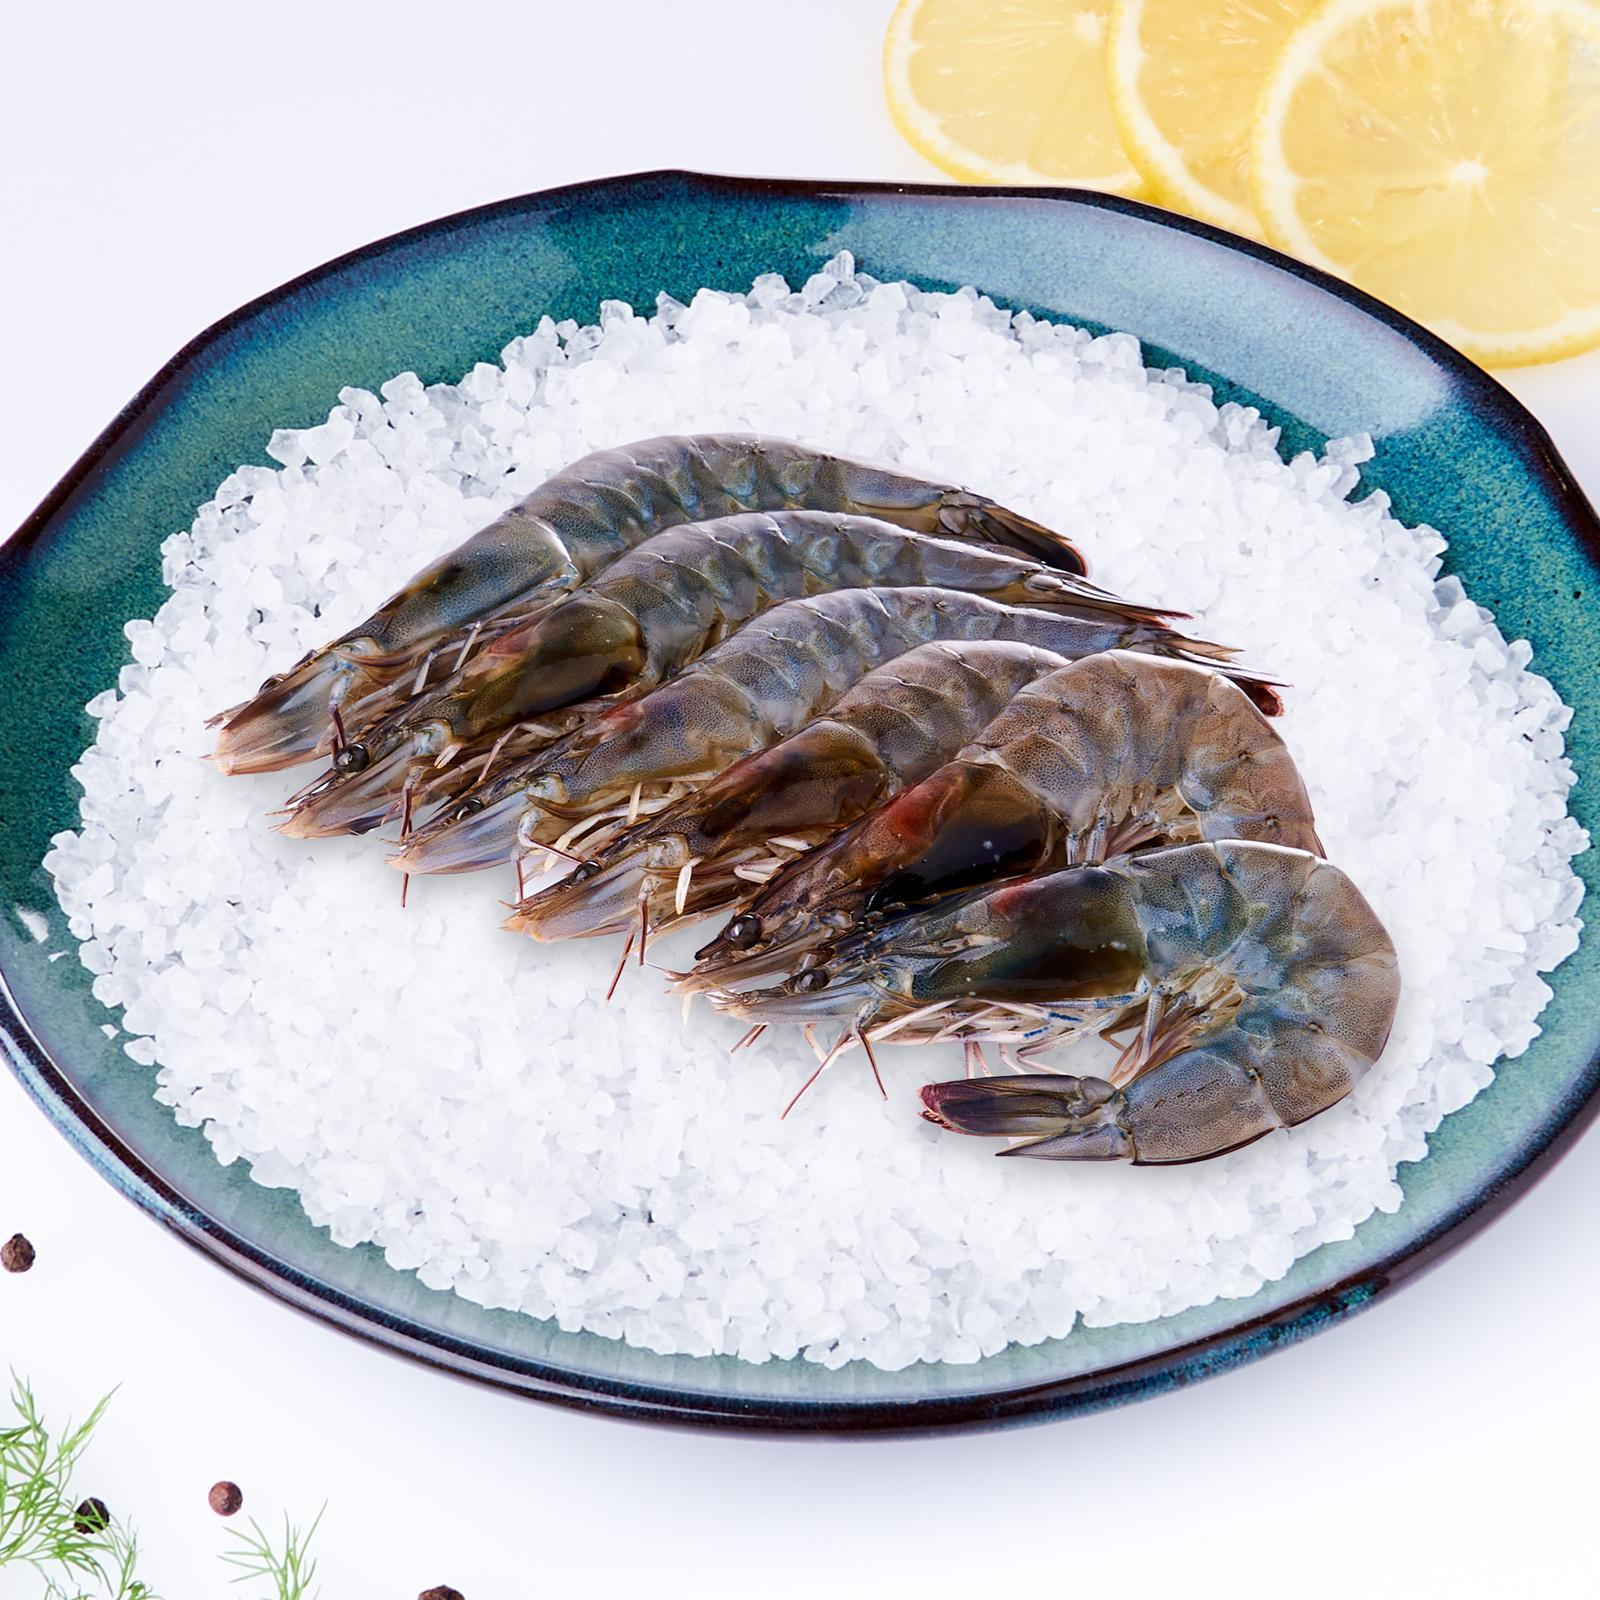 Jurong Fish Market Fresh Tiger Prawns - Large